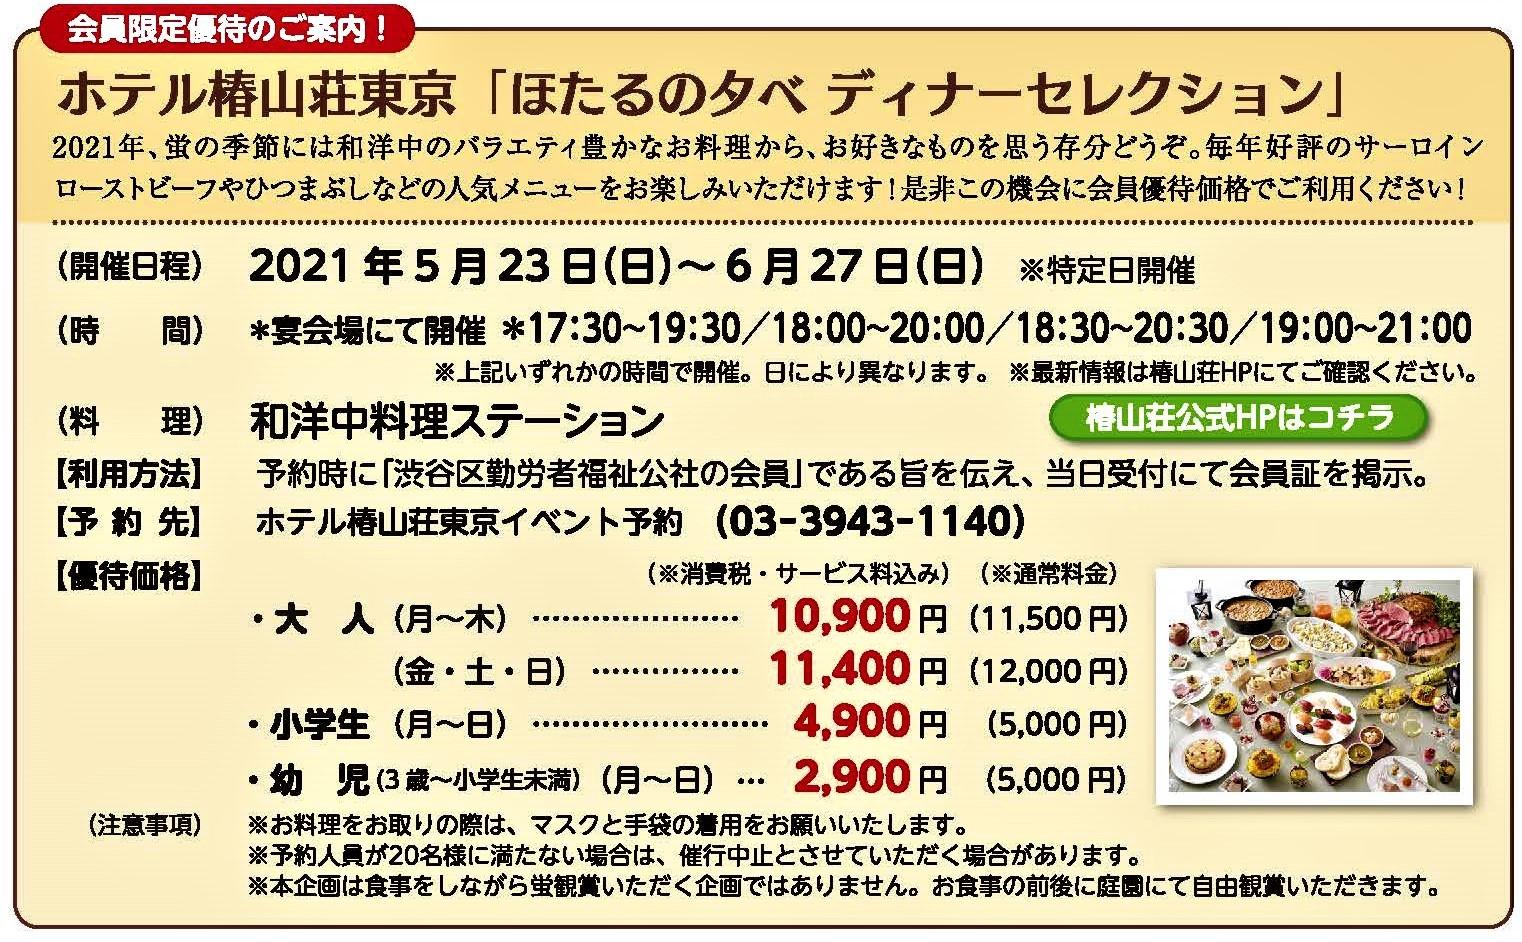 ホテル椿山荘東京 「ほたるの夕べ ディナーセレクション」お得です